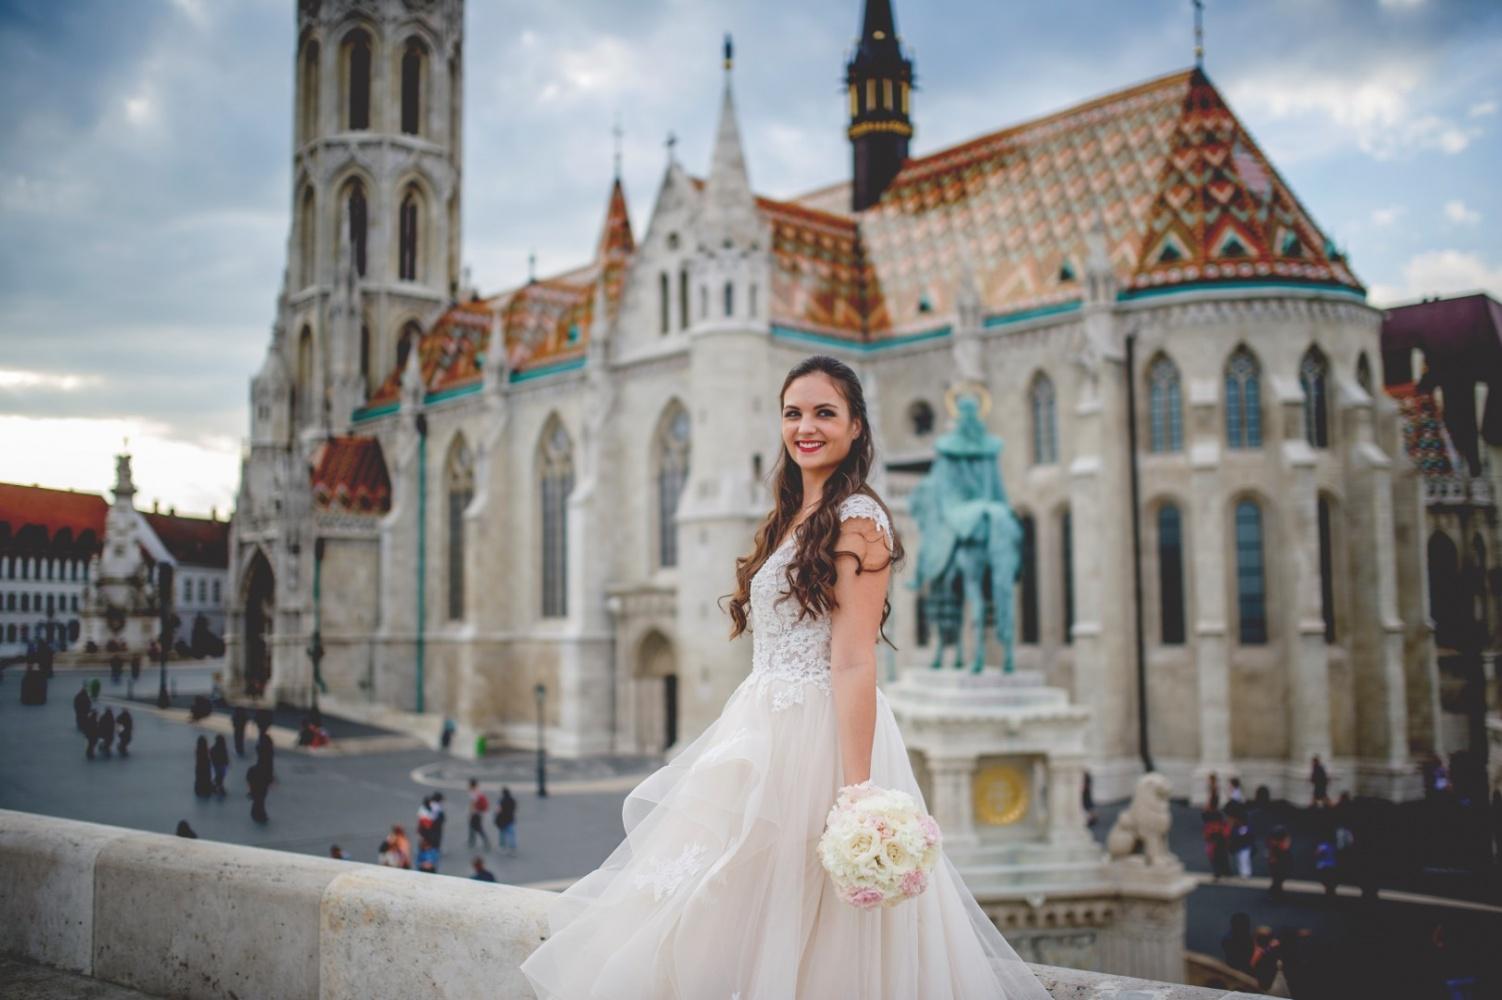 http://www.fotoz.sk/images/gallery-31/normal/eskuvo_dunaharaszti-rendezvenyhaz_013.jpg